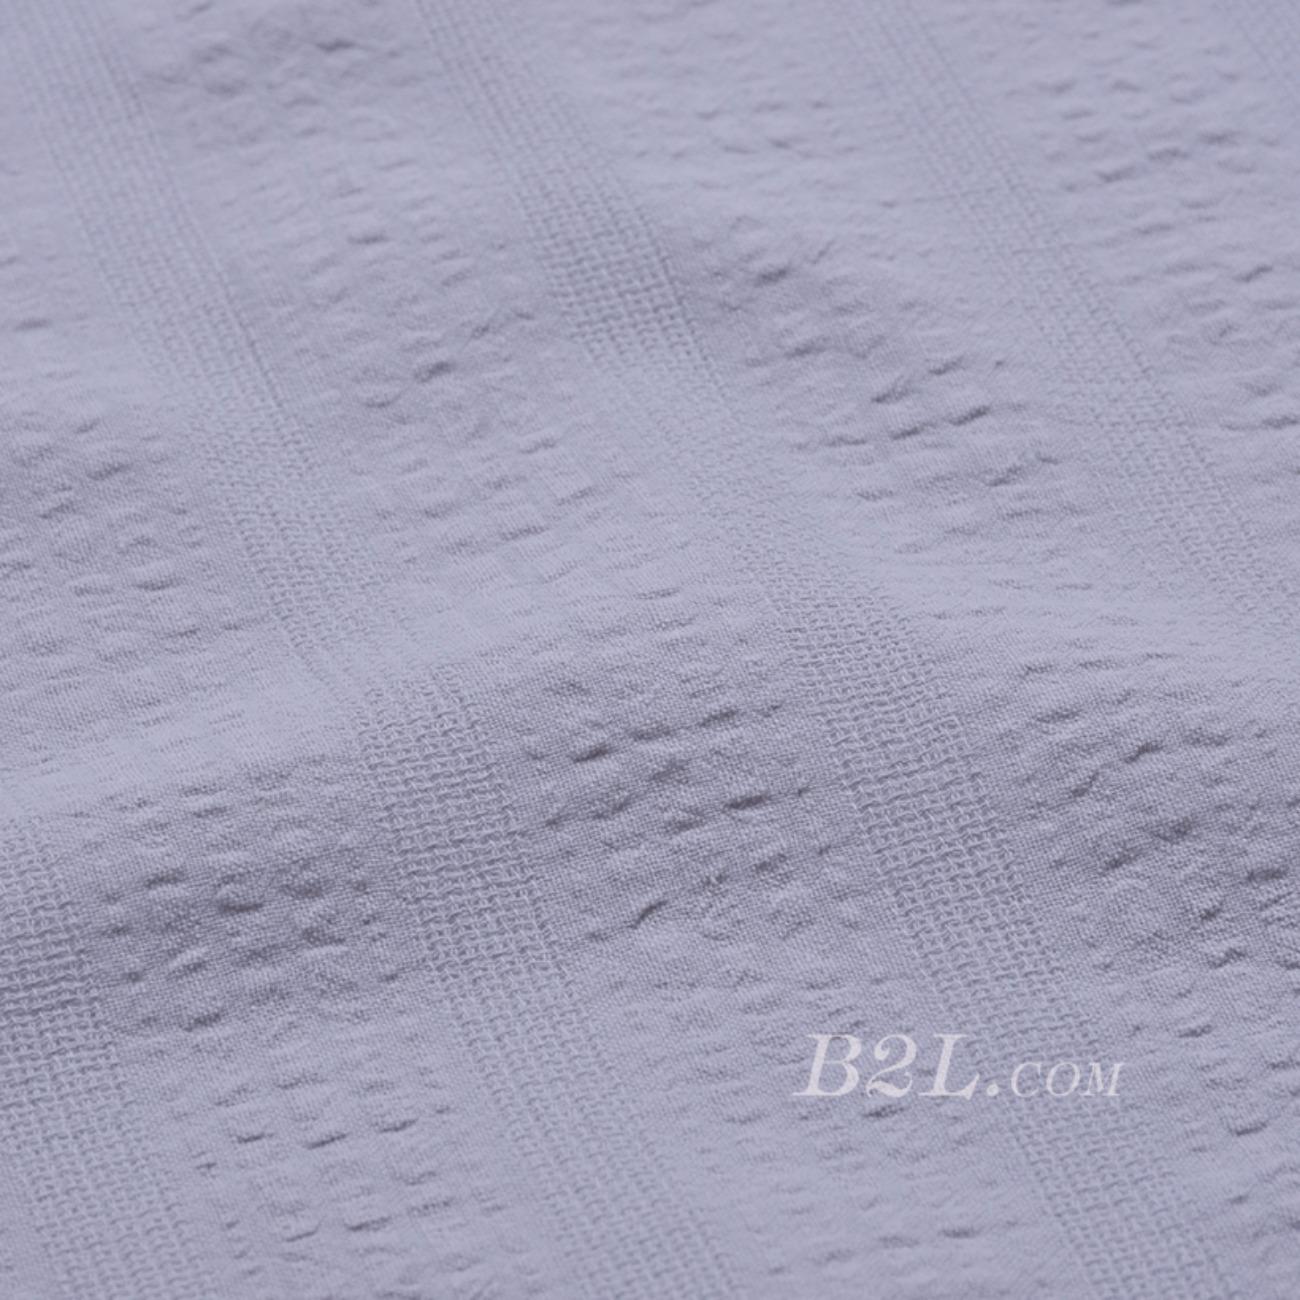 素色 梭织 染色 低弹 小提花 条子 全棉 连衣裙 衬衫 女装  80604-3